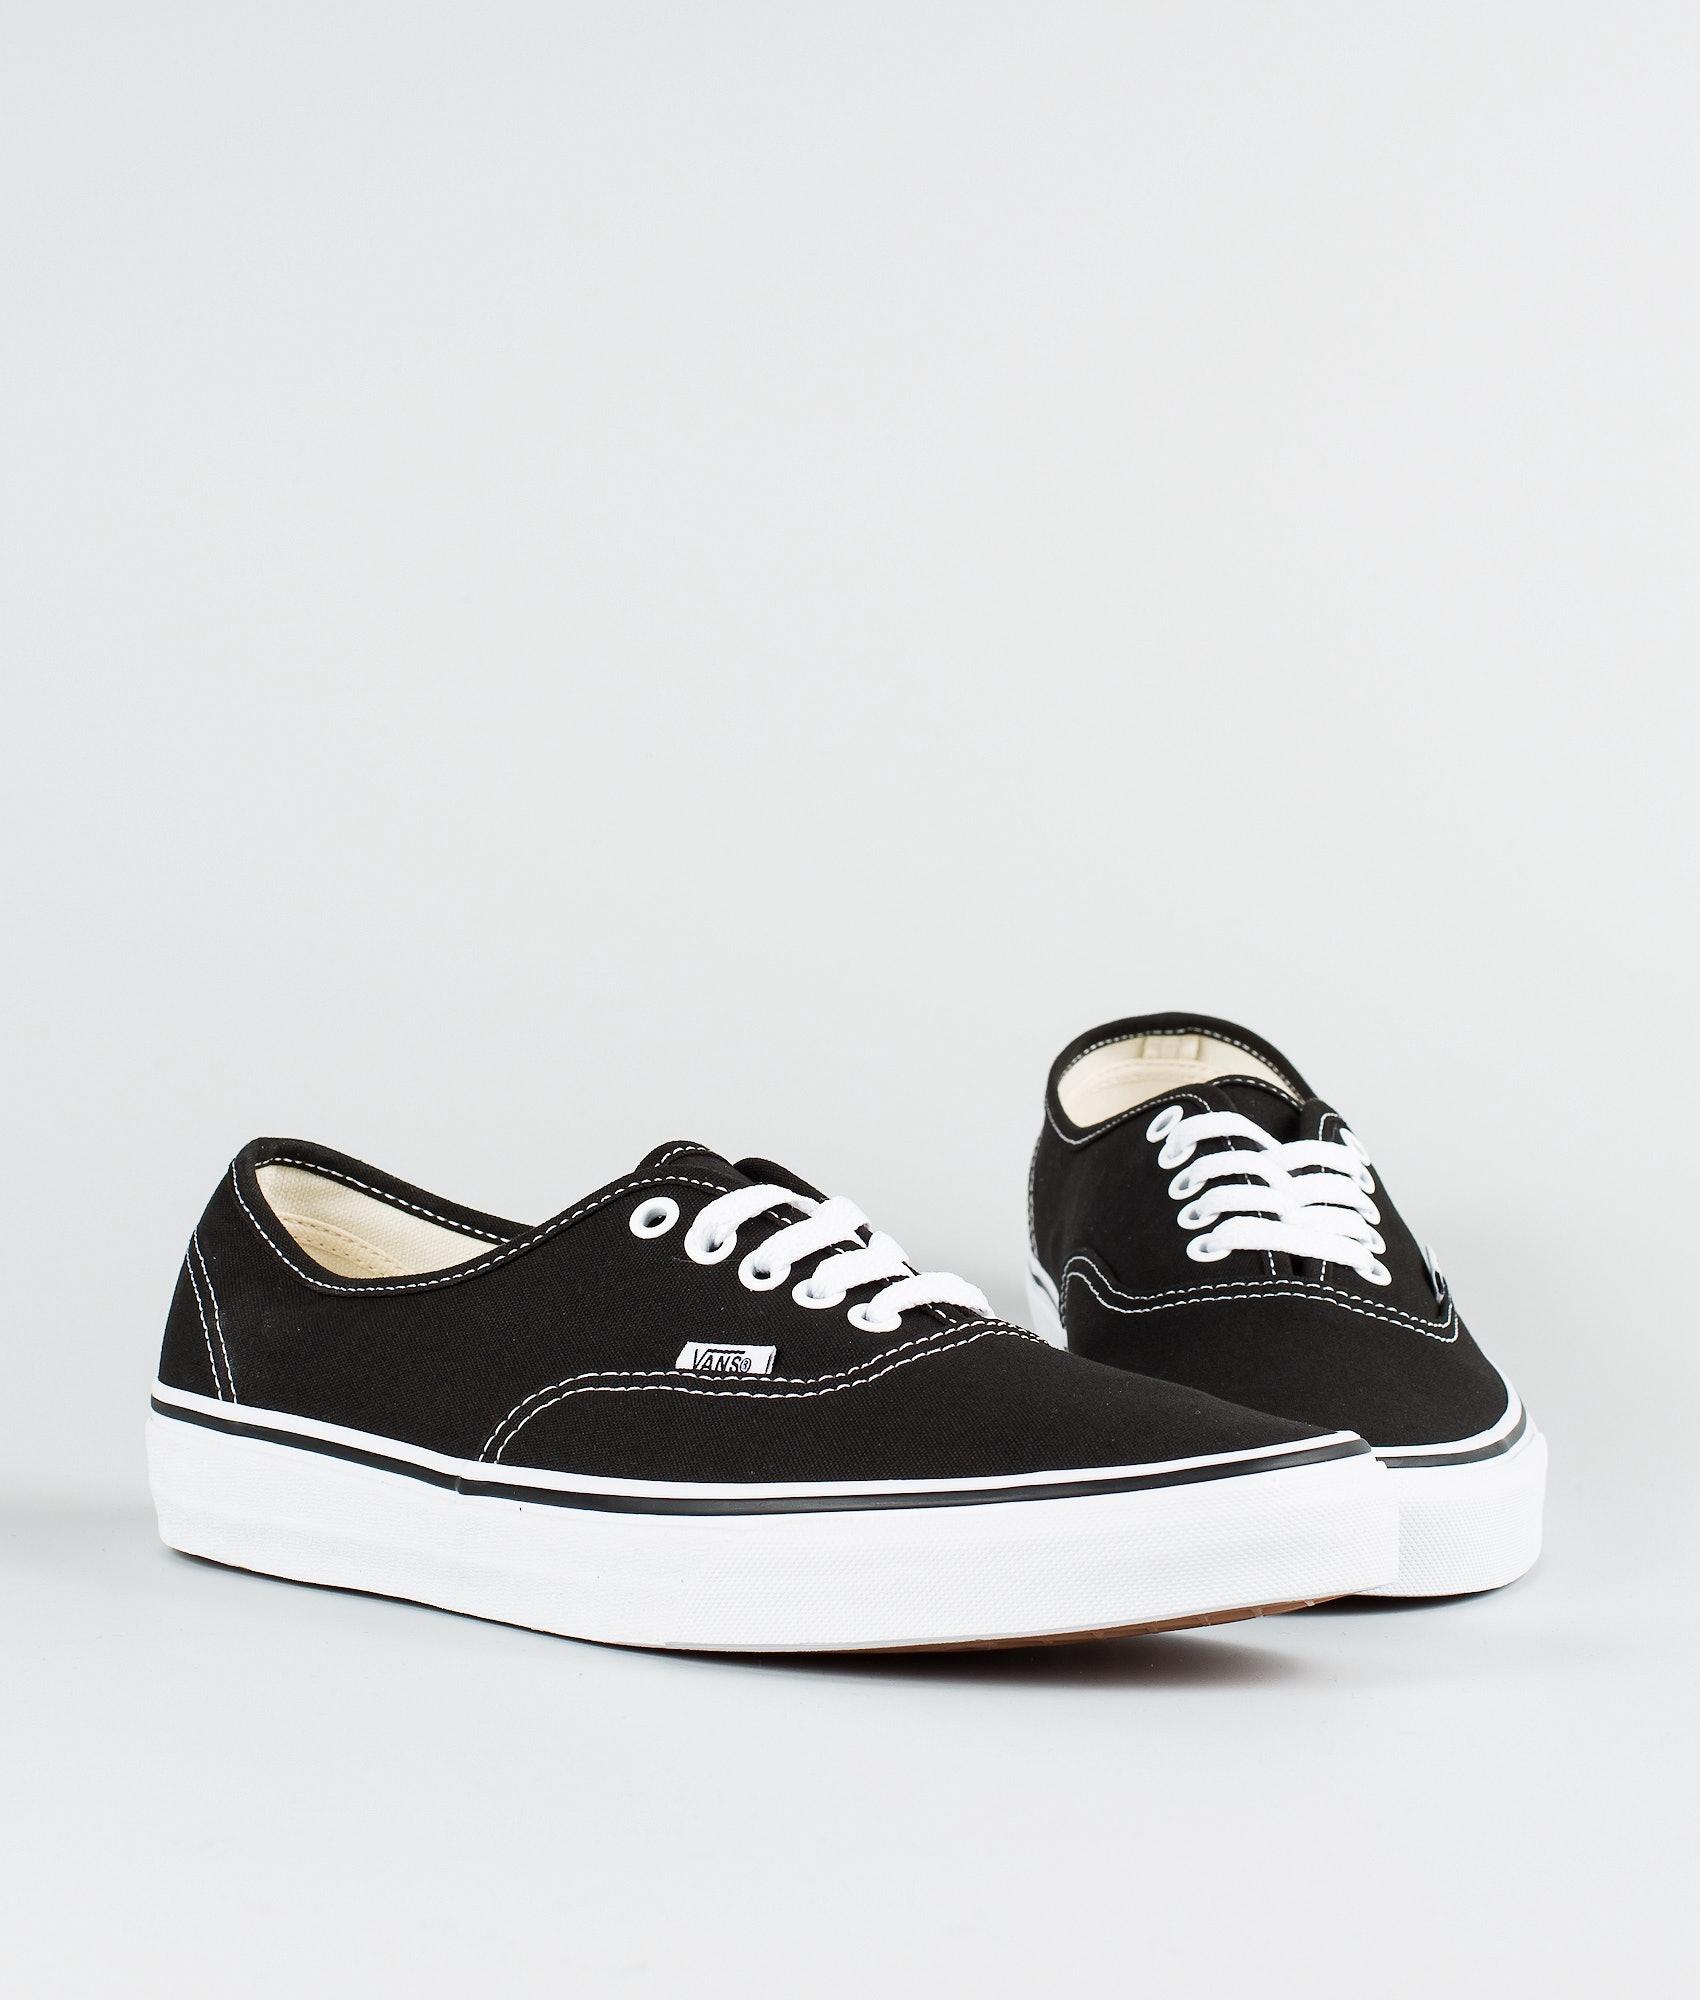 a0aca84b92f6ce Vans Authentic Schuhe Black - Ridestore.de